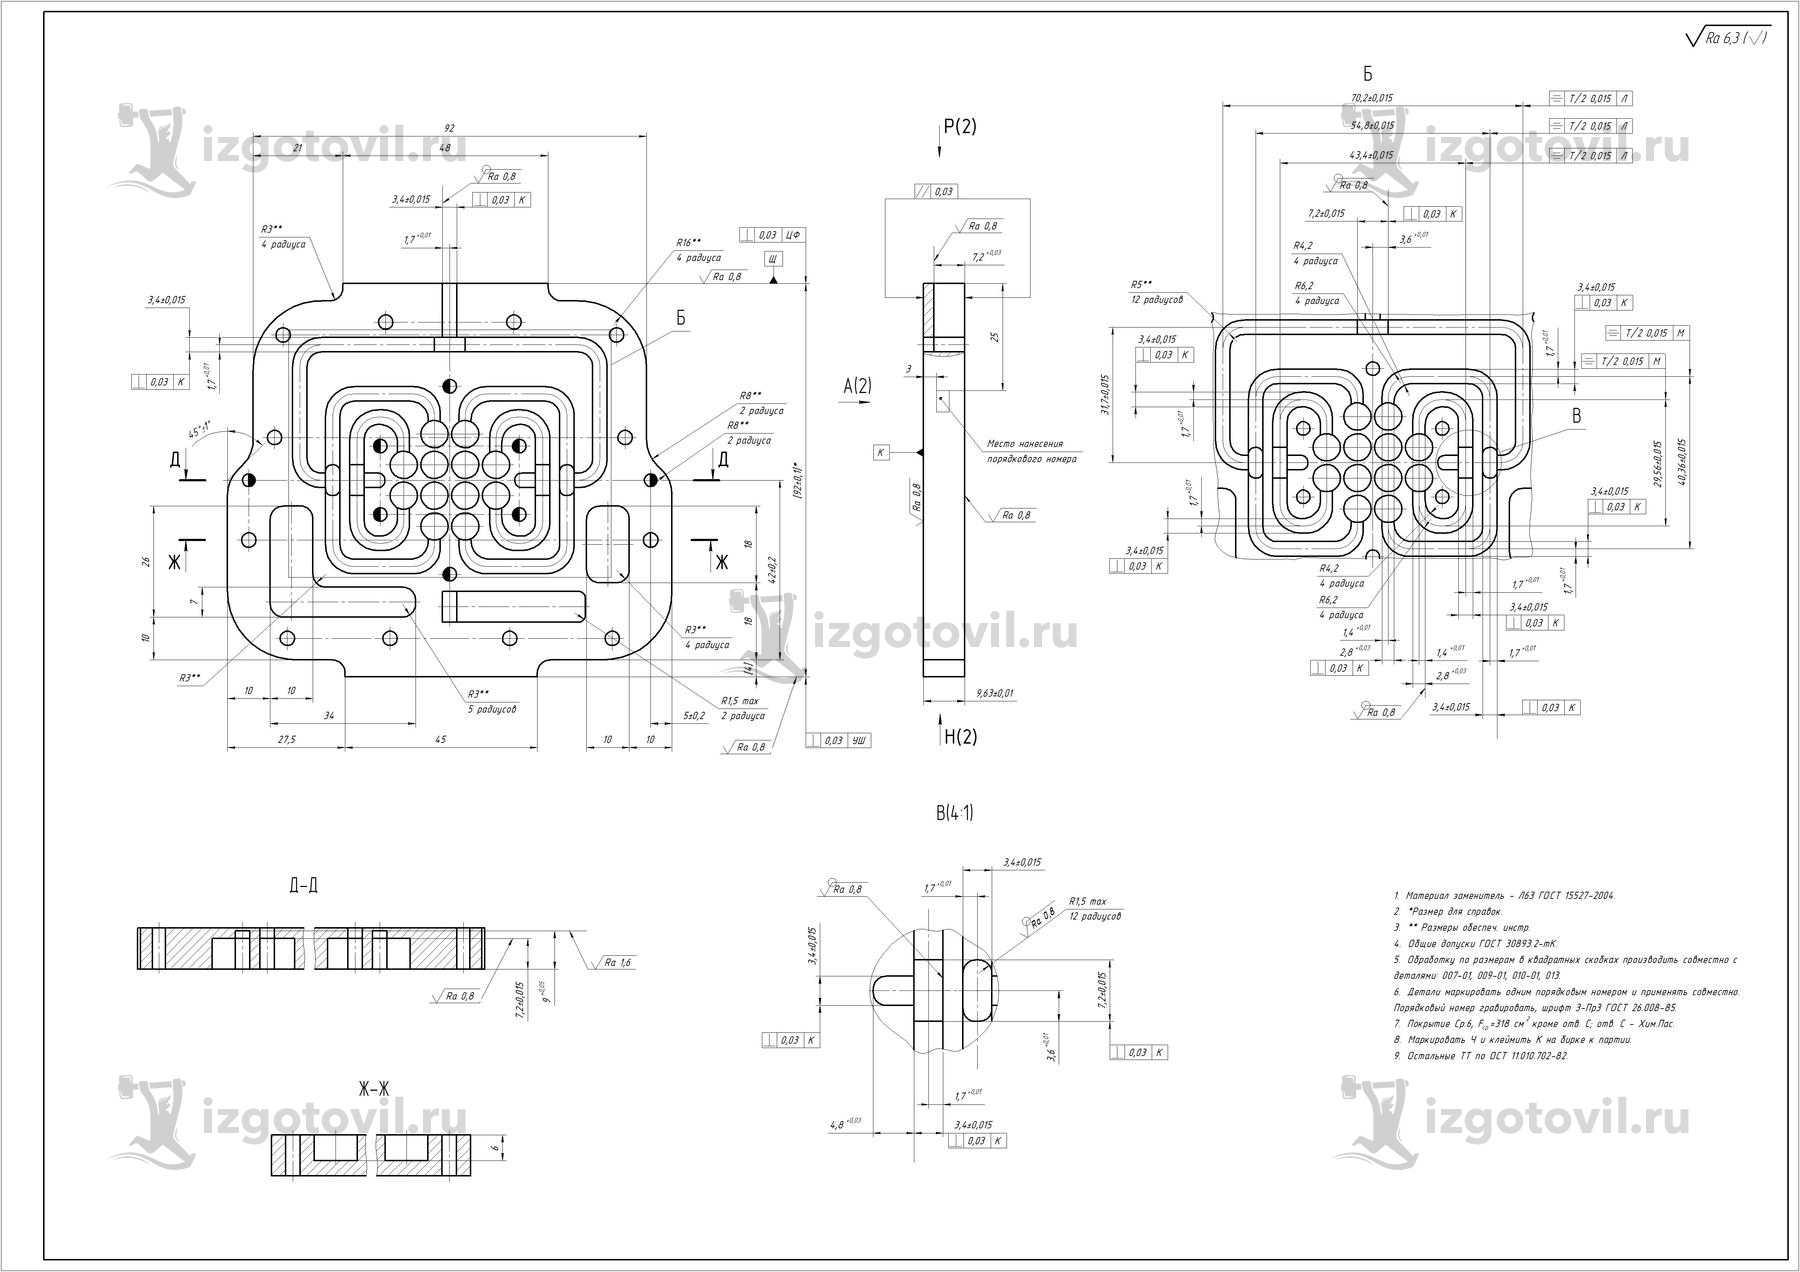 Токарно-фрезерная обработка (деталь)